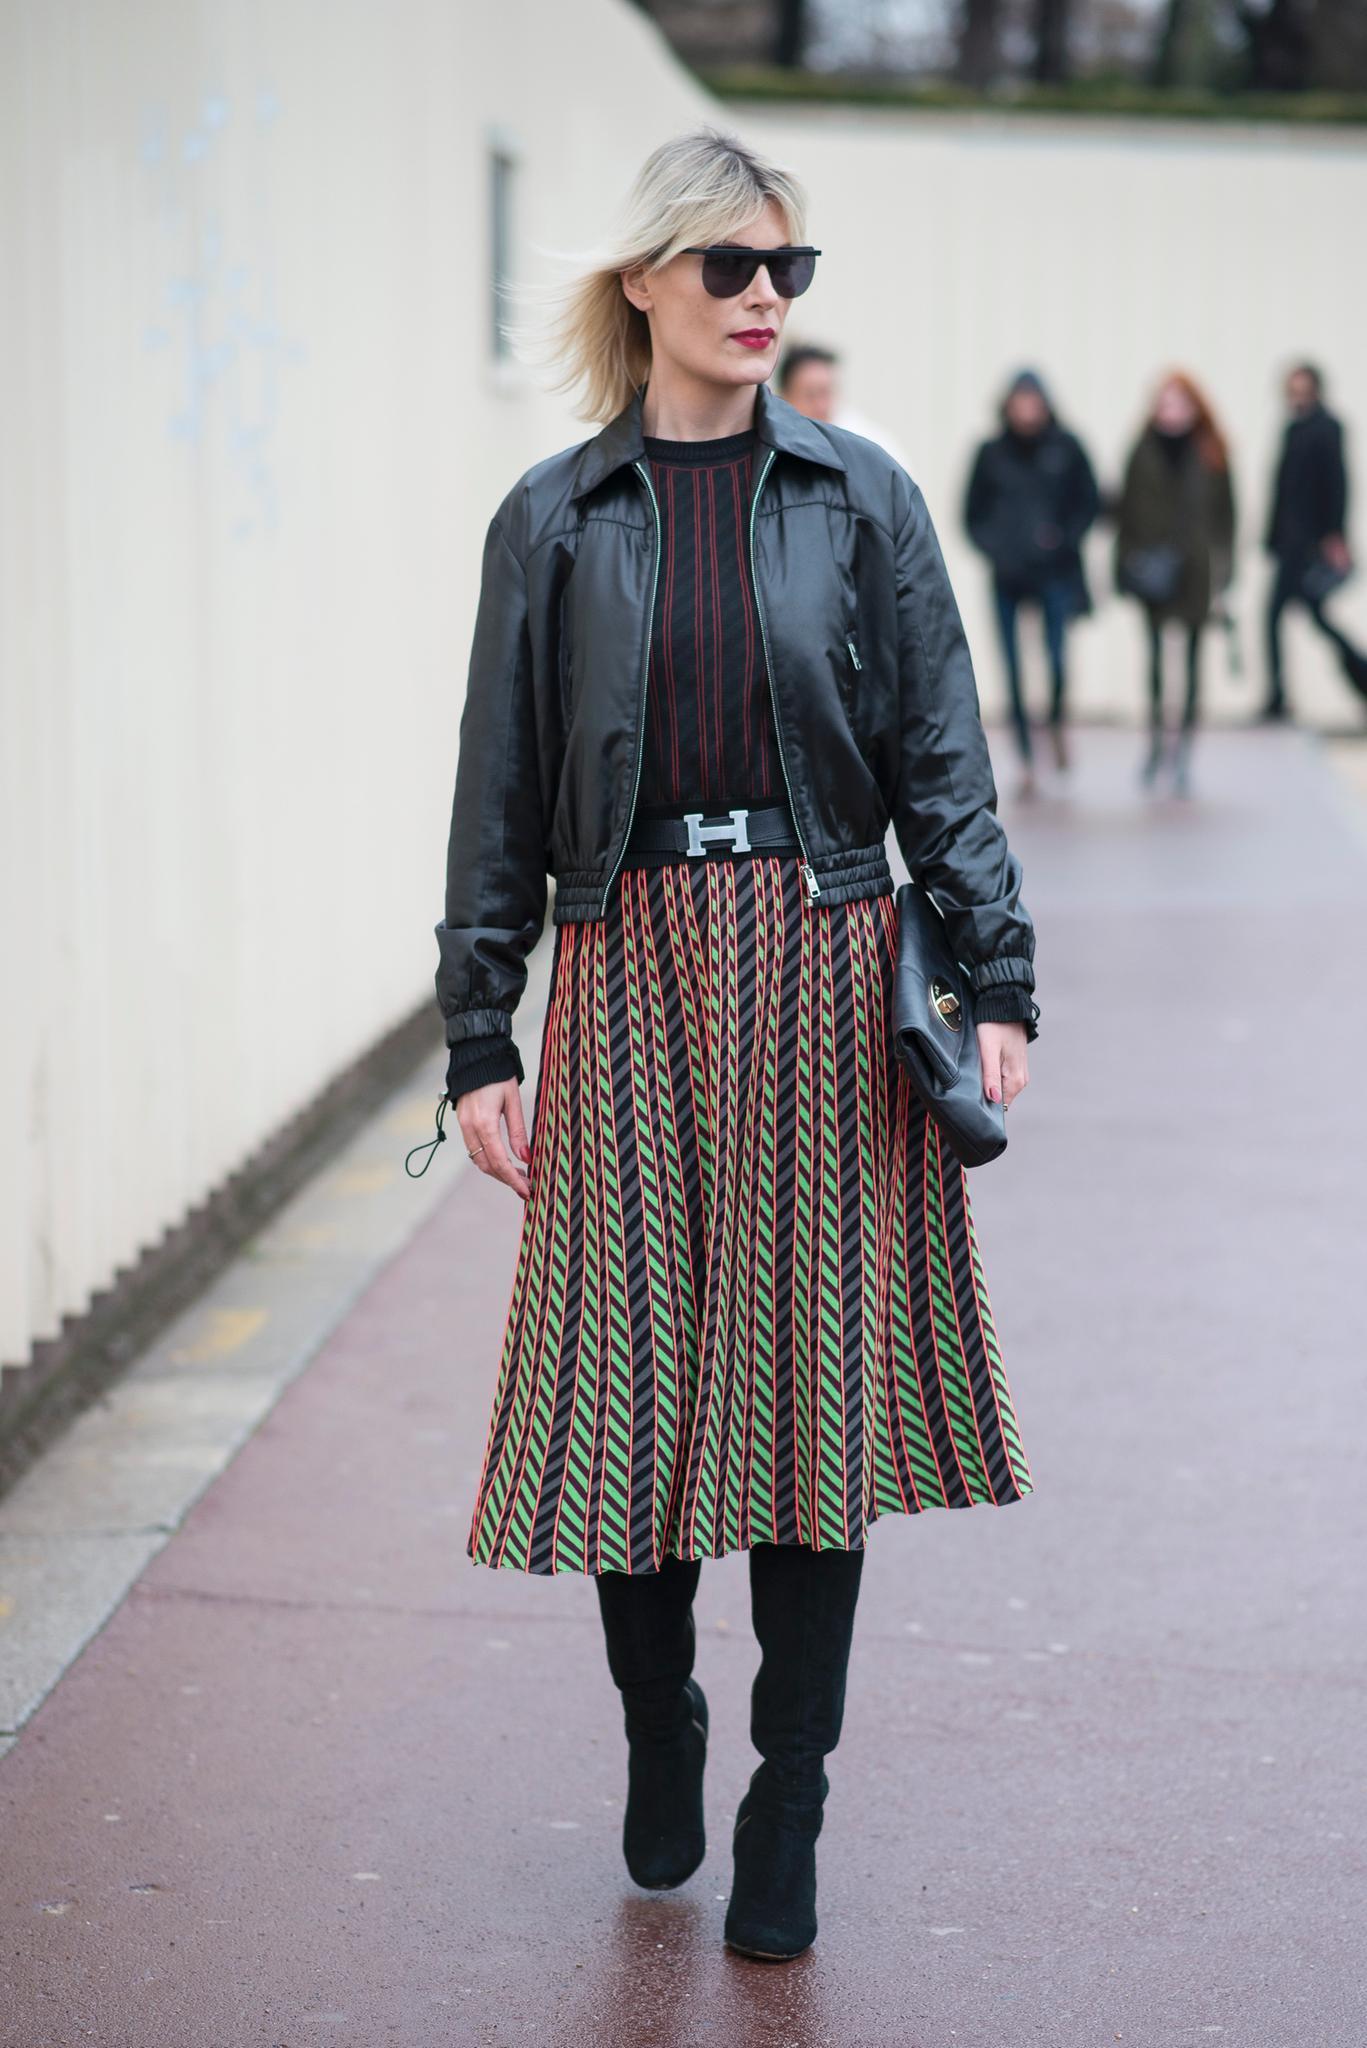 Bloggerin trägt Midirock und Lederjacke